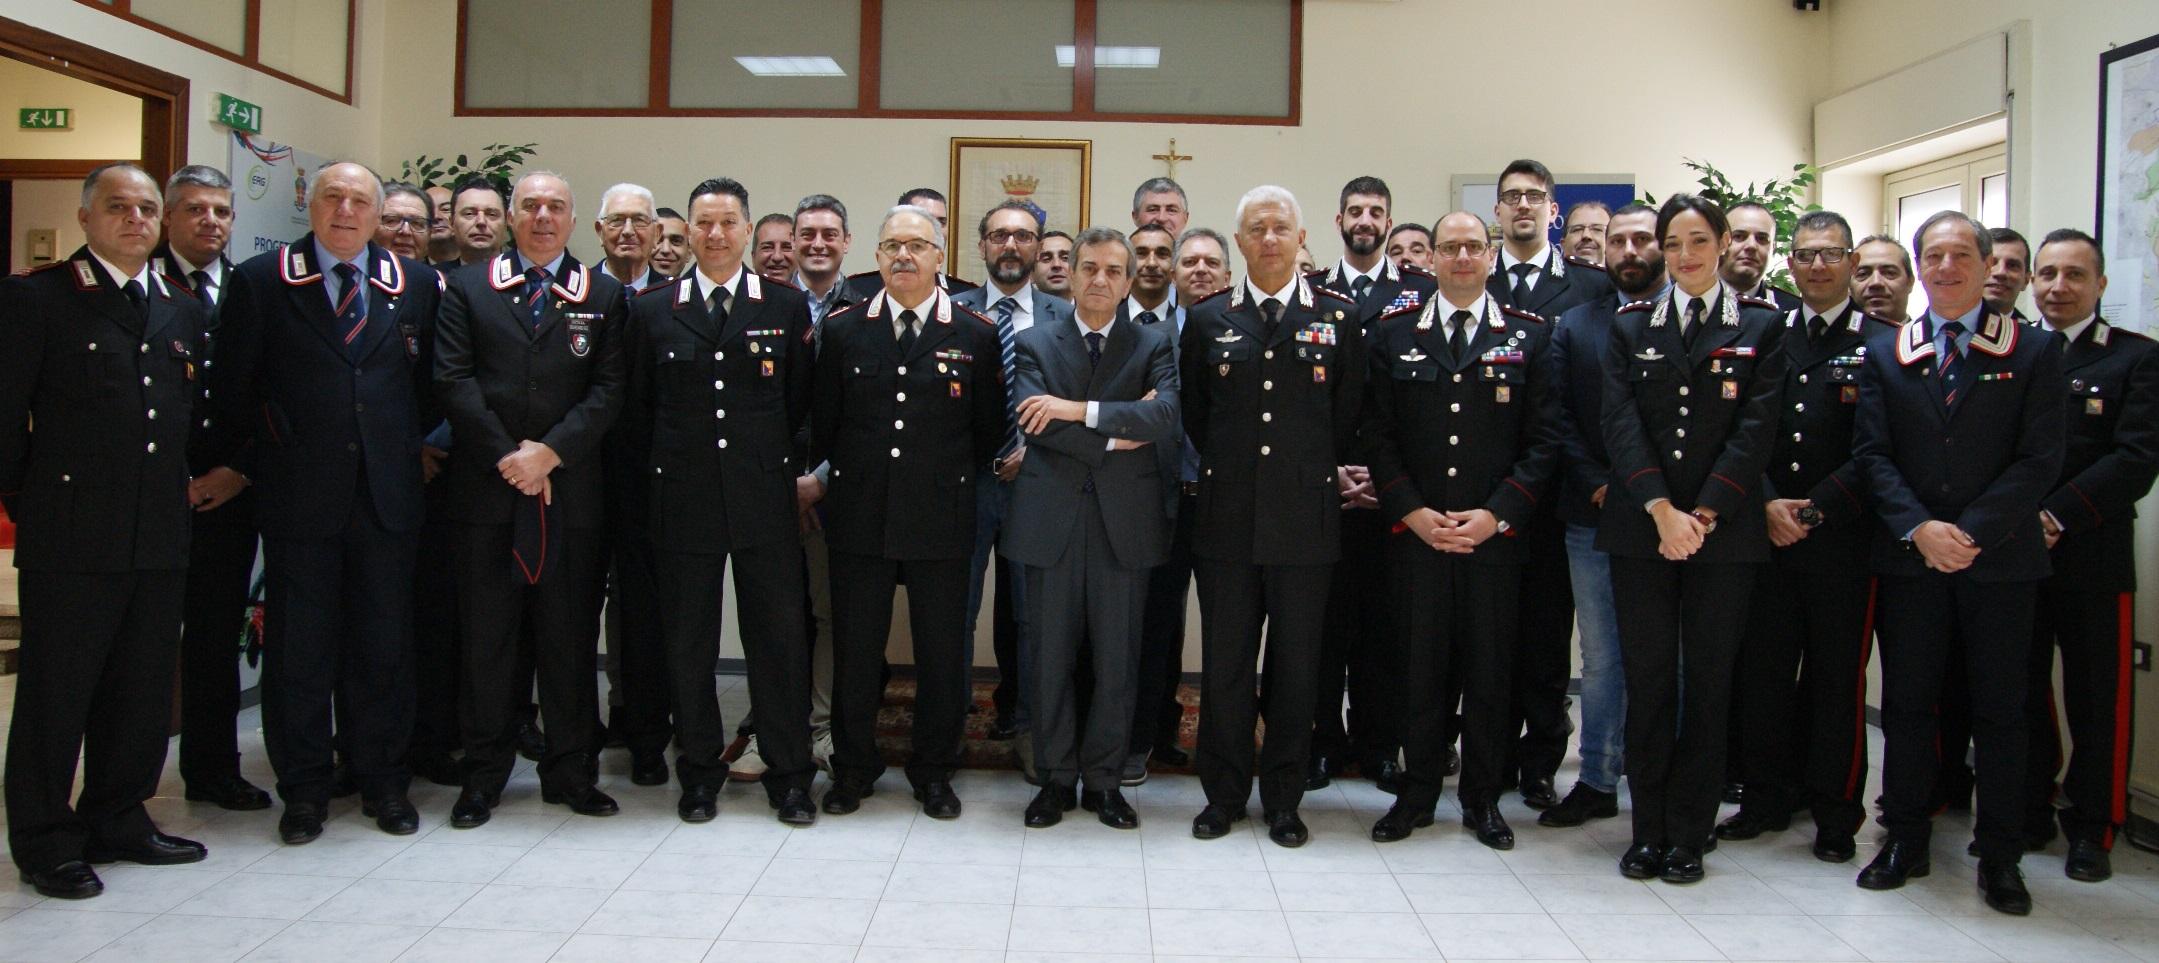 Siracusa, il prefetto di Siracusa saluta carabinieri e Guardia di finanza